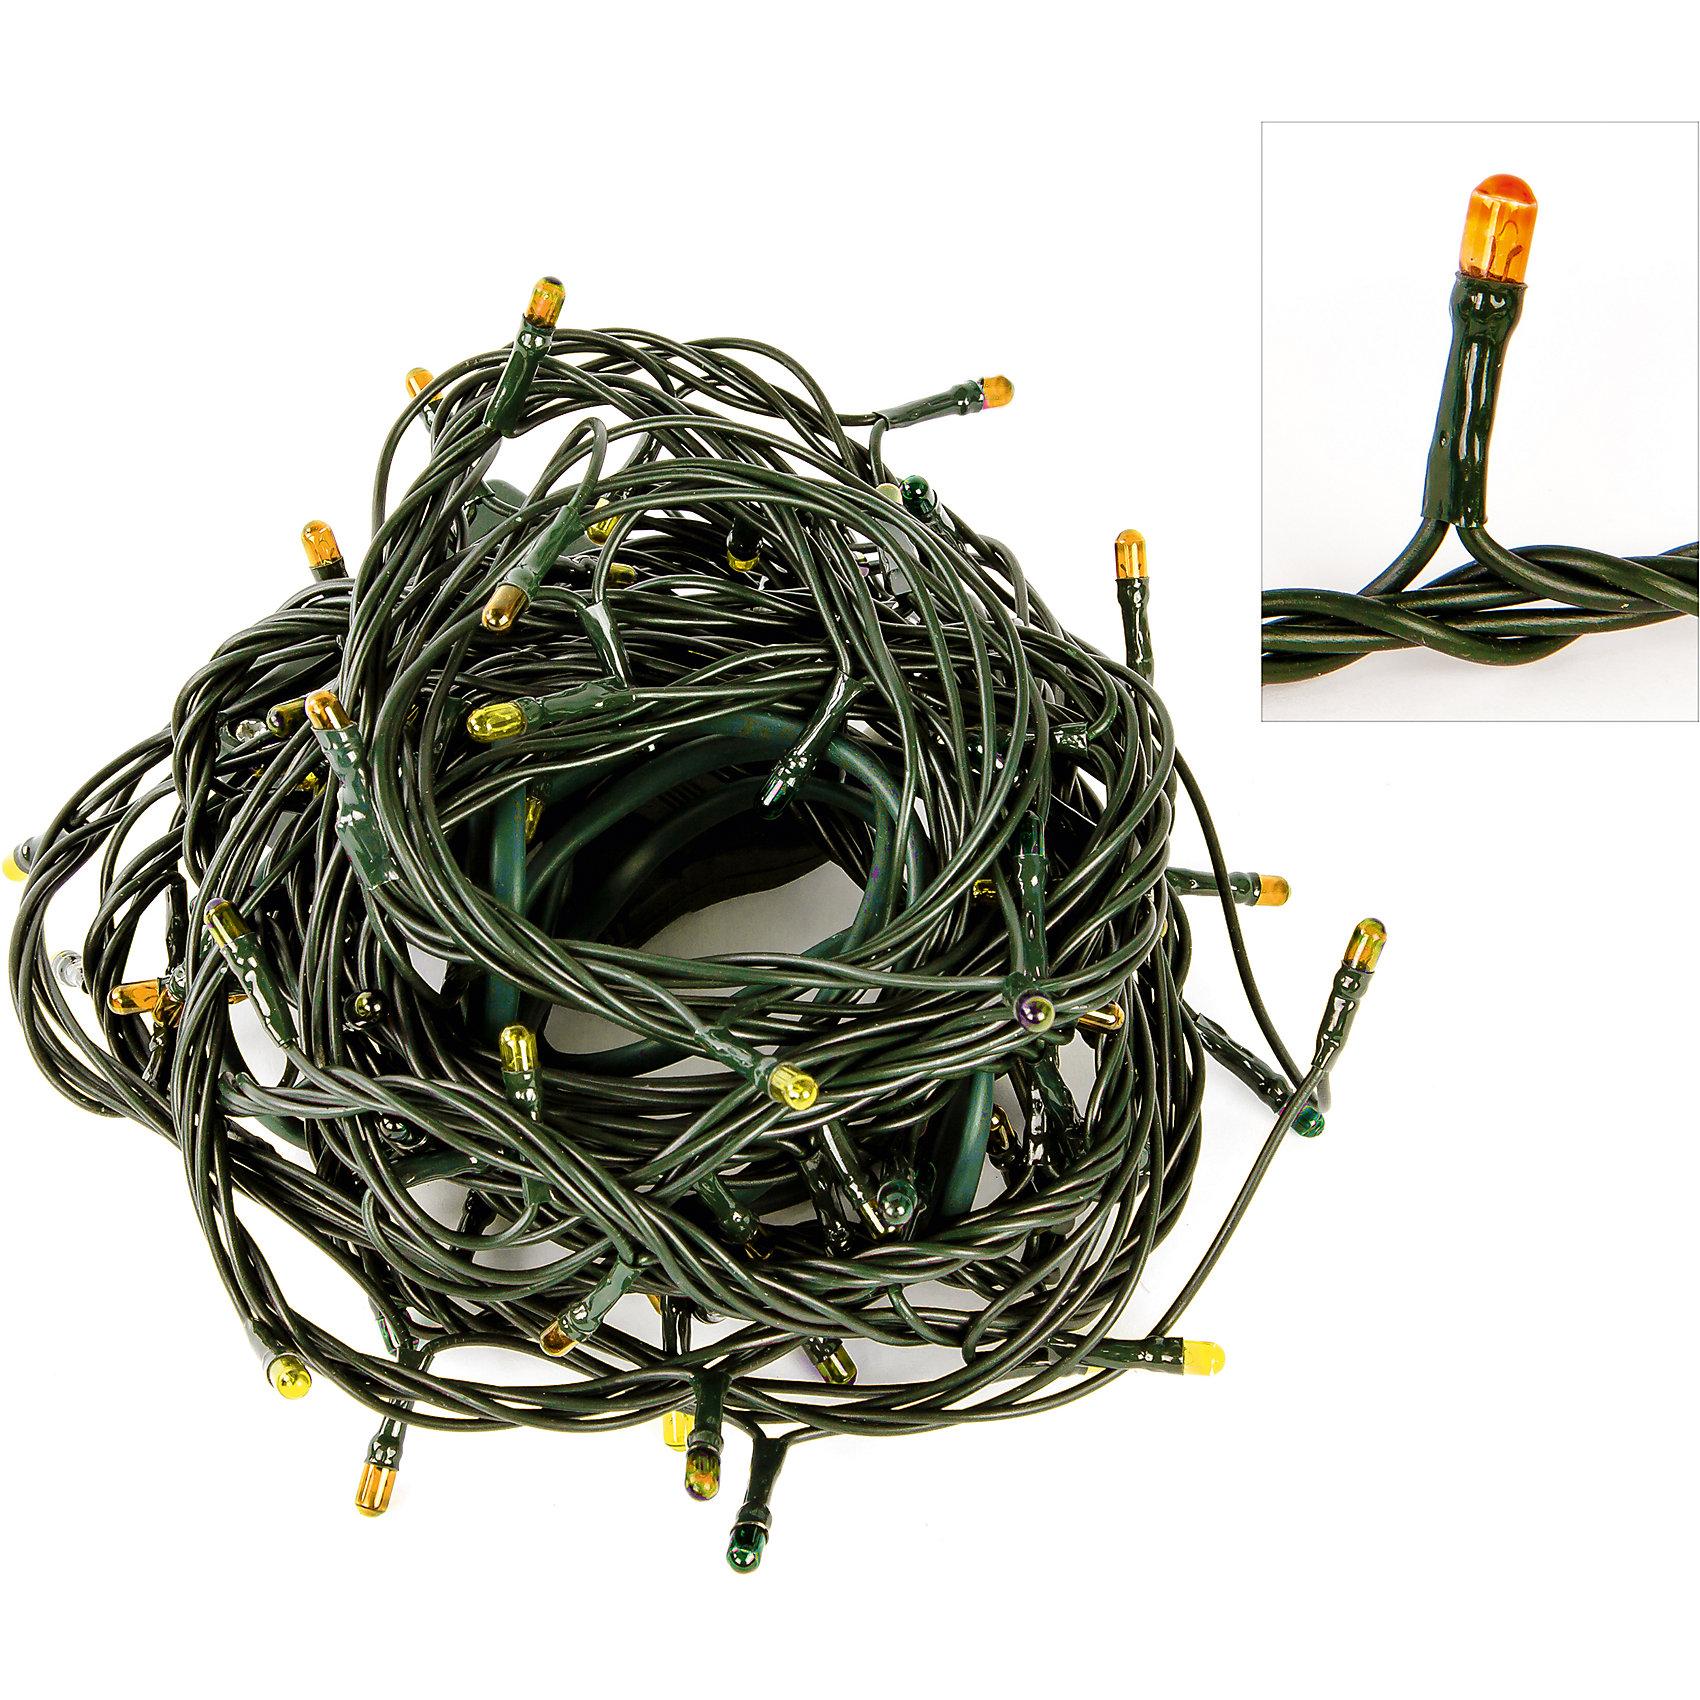 Электрогирлянда 180 миниламп, желтое свечение, зеленый провод, 8 режимовВсё для праздника<br>Гирлянда электрическая 180 мини лам рис, желтое свечение, зеленый провод, 8 режимов переключения. Длина провода 7,5 м, длина свободного провода 1,5 м.<br><br>Ширина мм: 140<br>Глубина мм: 88<br>Высота мм: 80<br>Вес г: 0<br>Возраст от месяцев: 96<br>Возраст до месяцев: 540<br>Пол: Унисекс<br>Возраст: Детский<br>SKU: 5171929